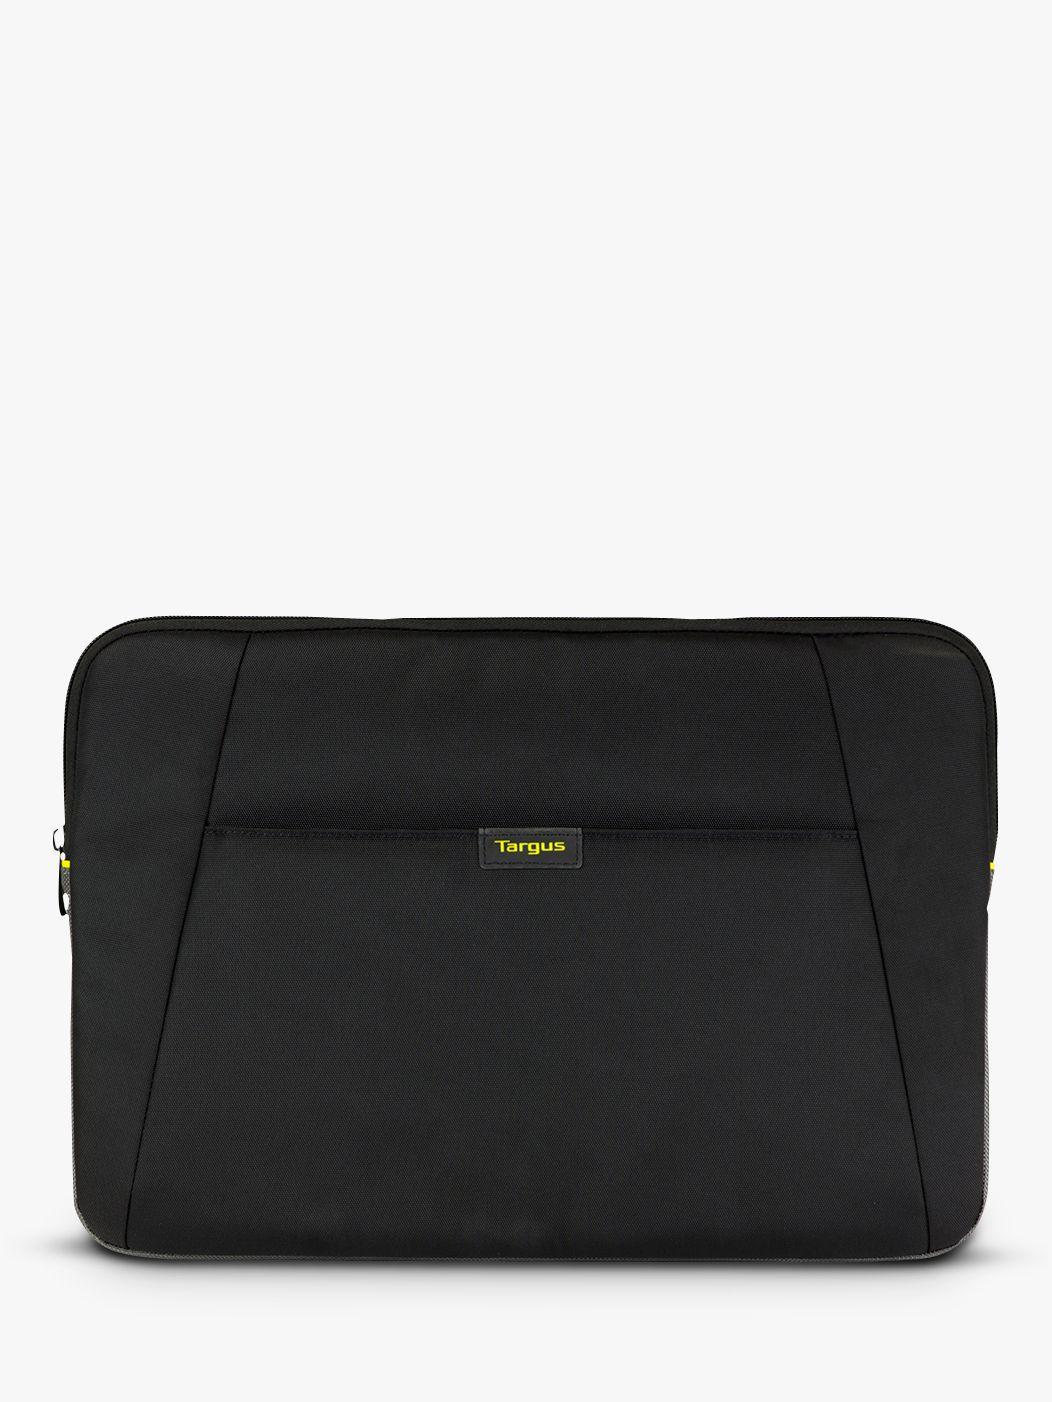 Targus Targus City Gear Sleeve for Laptops up to 13.3, Black